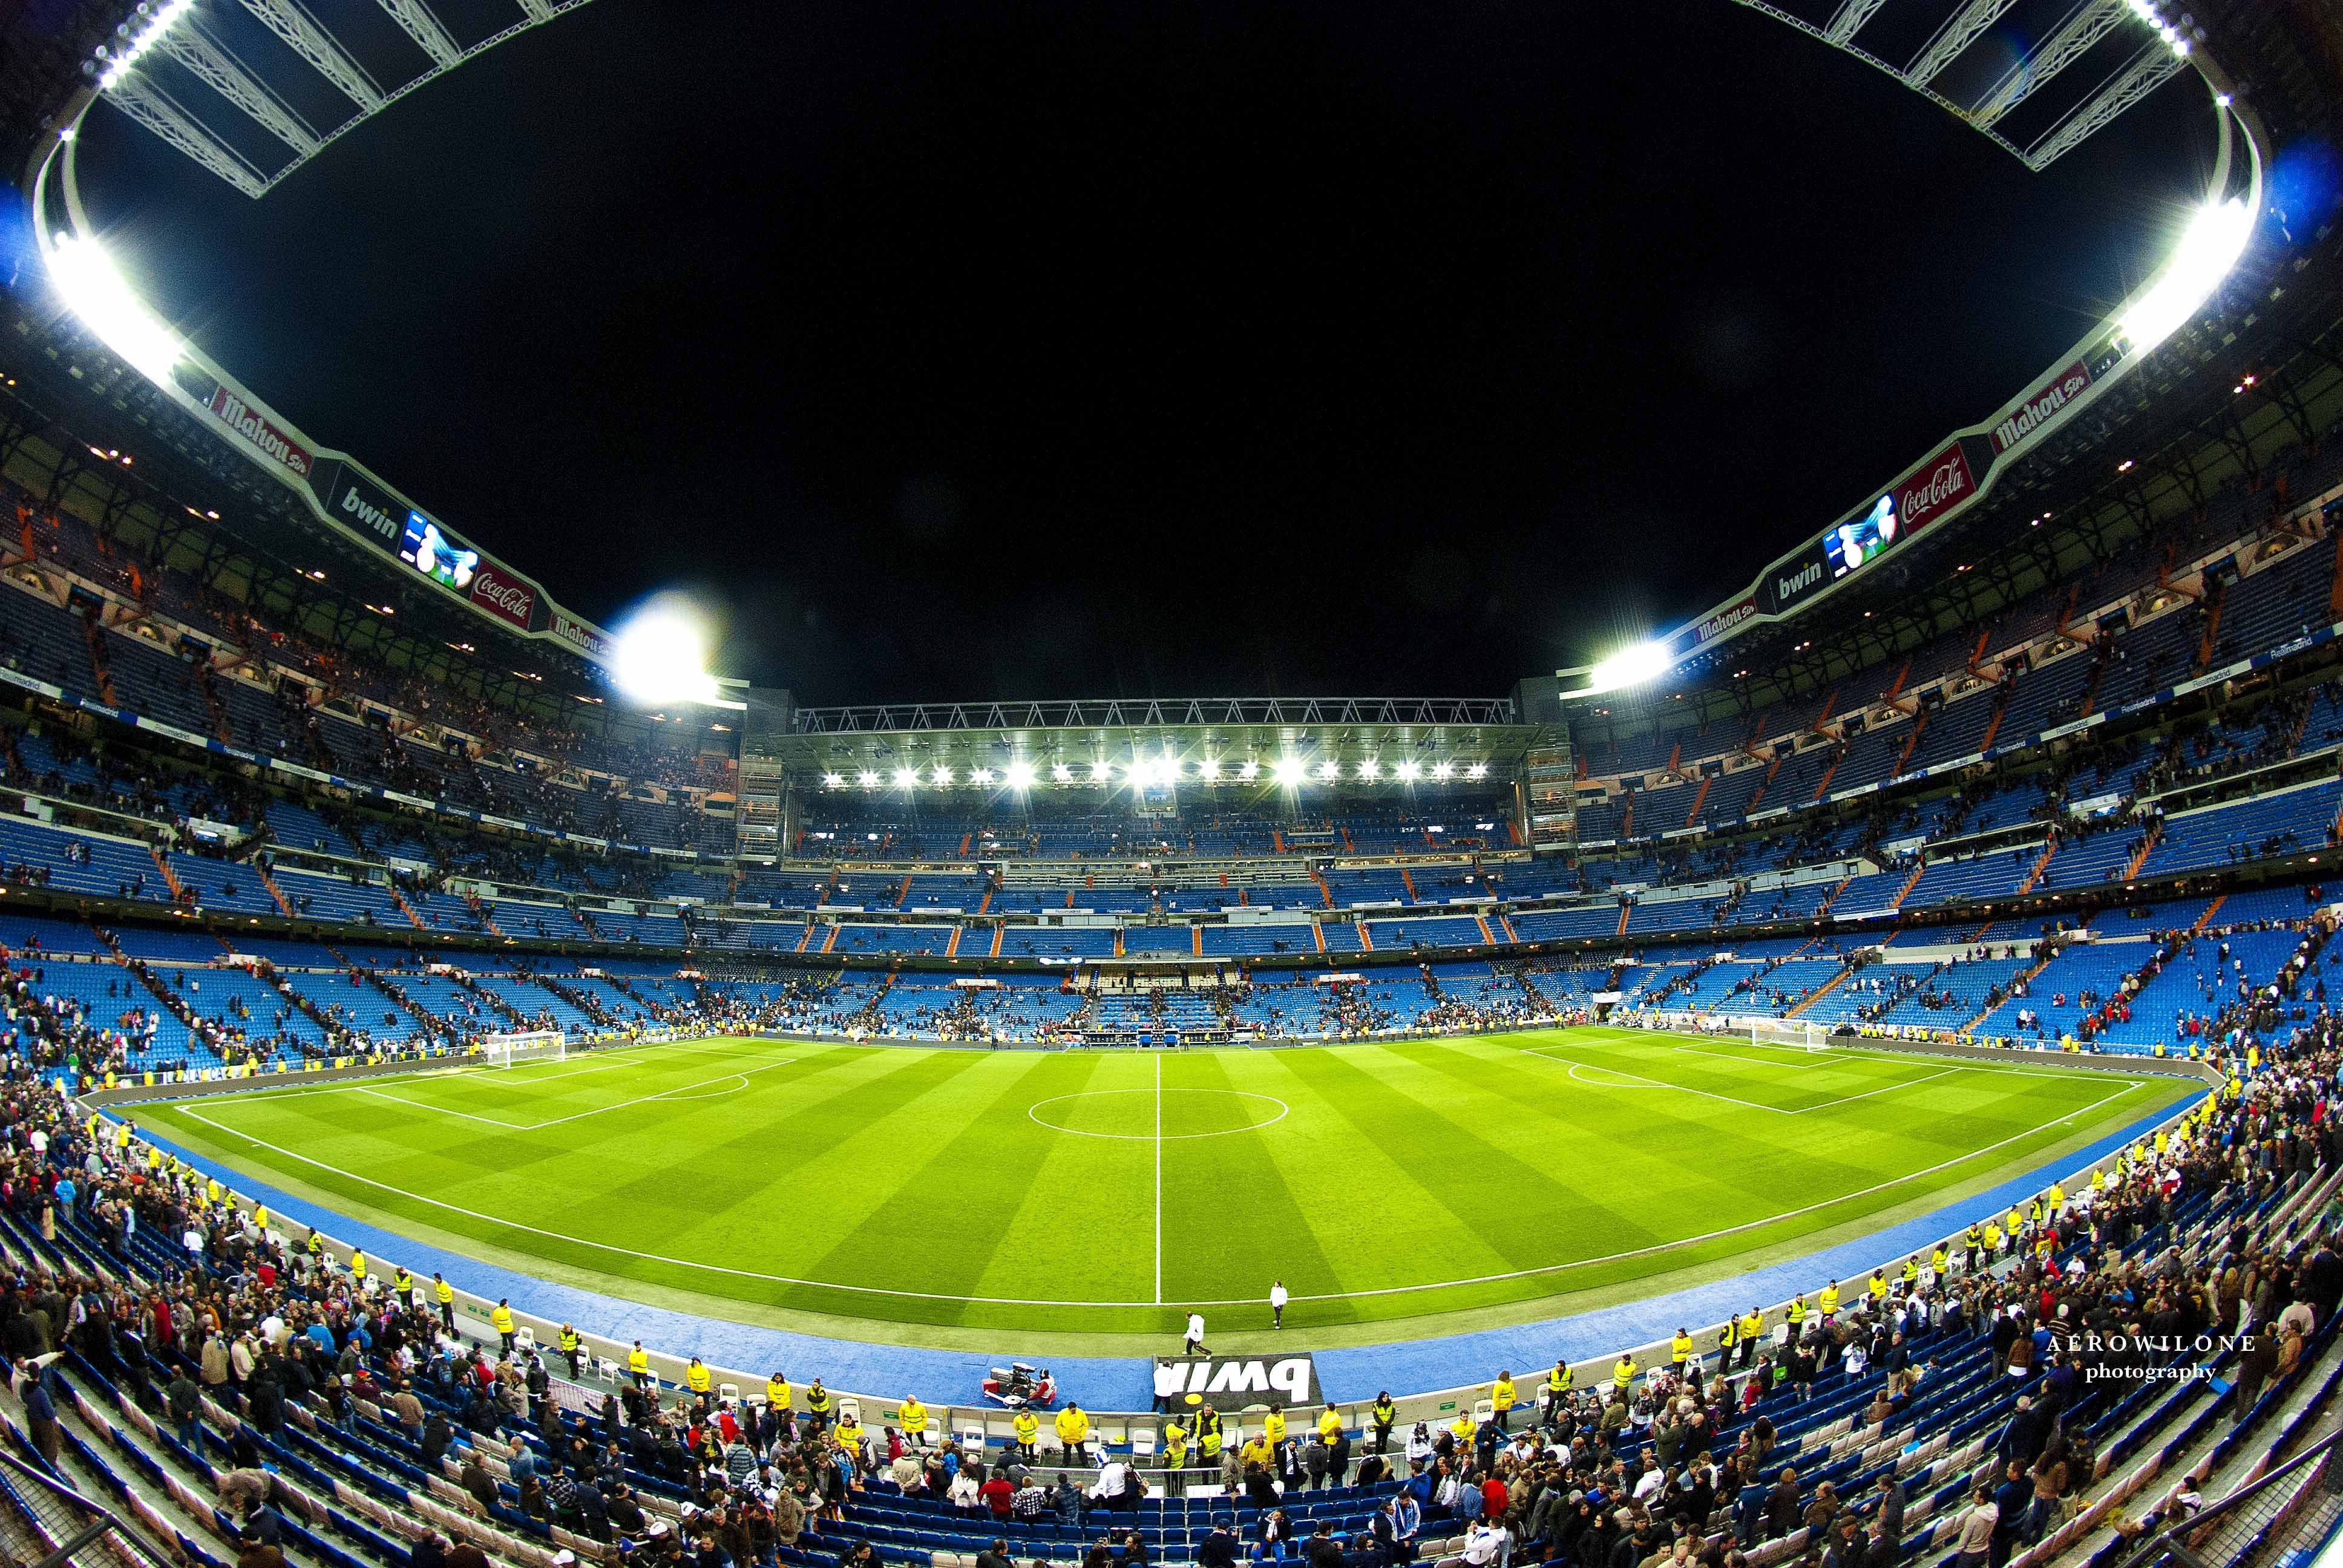 3040 - ¿Cuánto sabes de estadios de futbol? [Versión LFP]